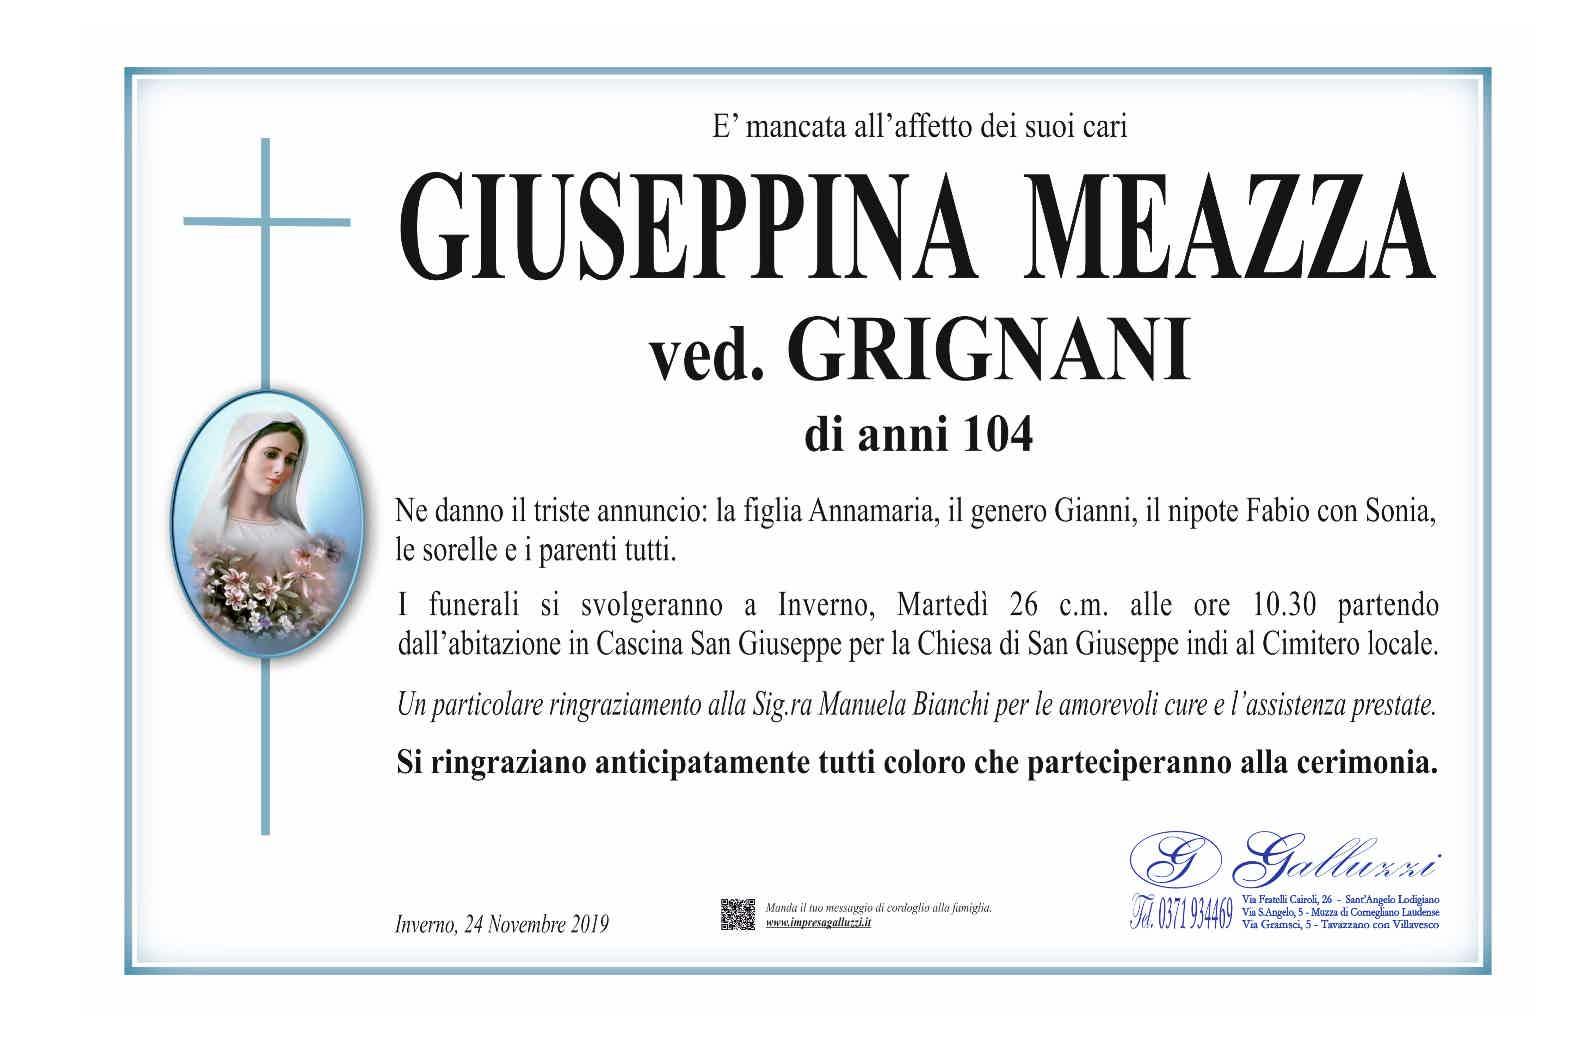 Giuseppina Meazza